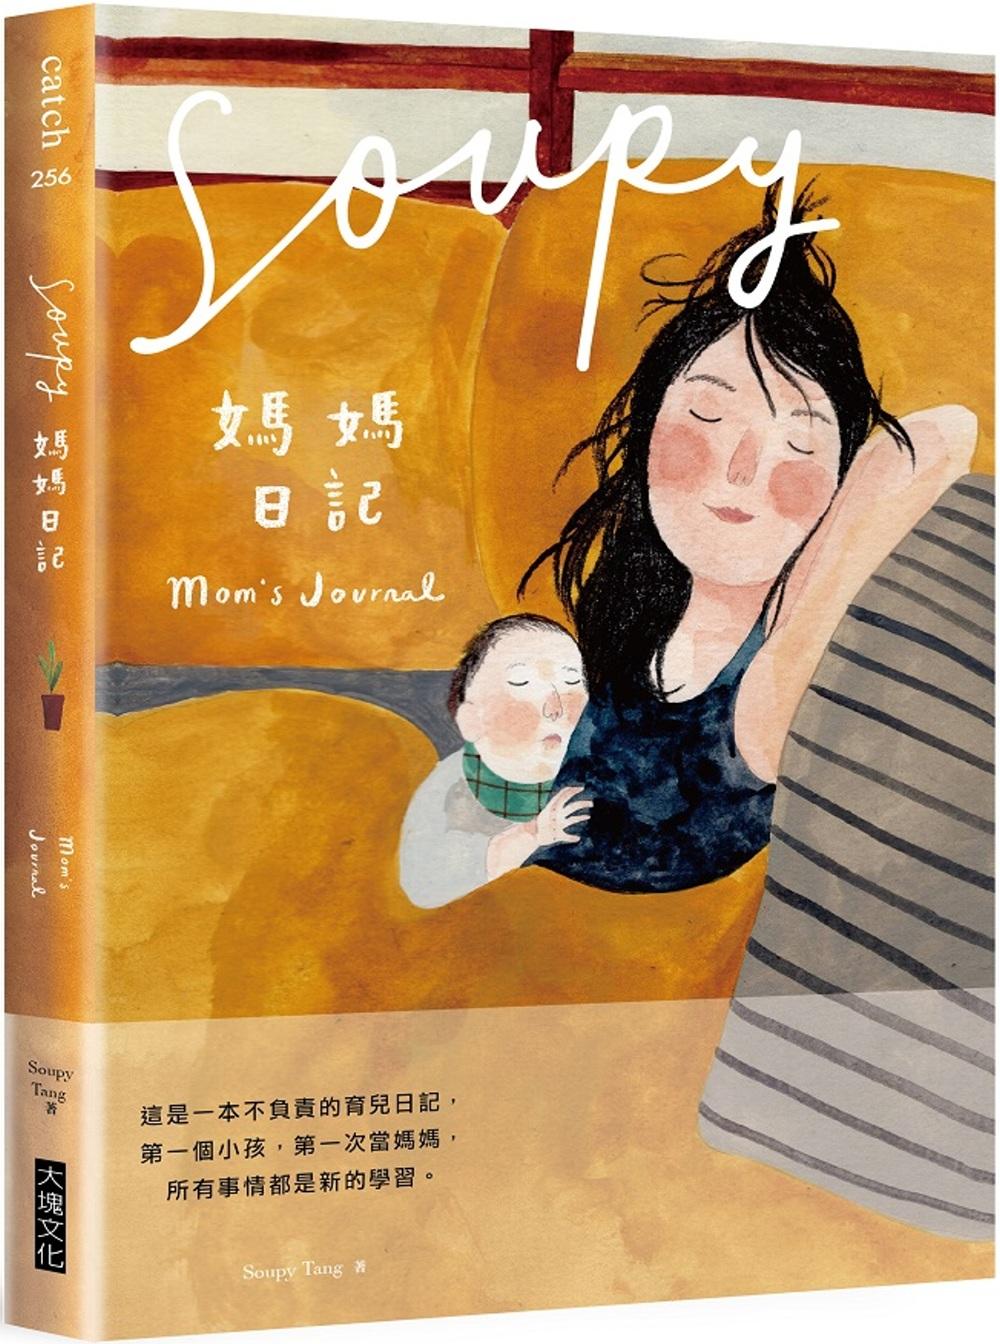 Soupy媽媽日記